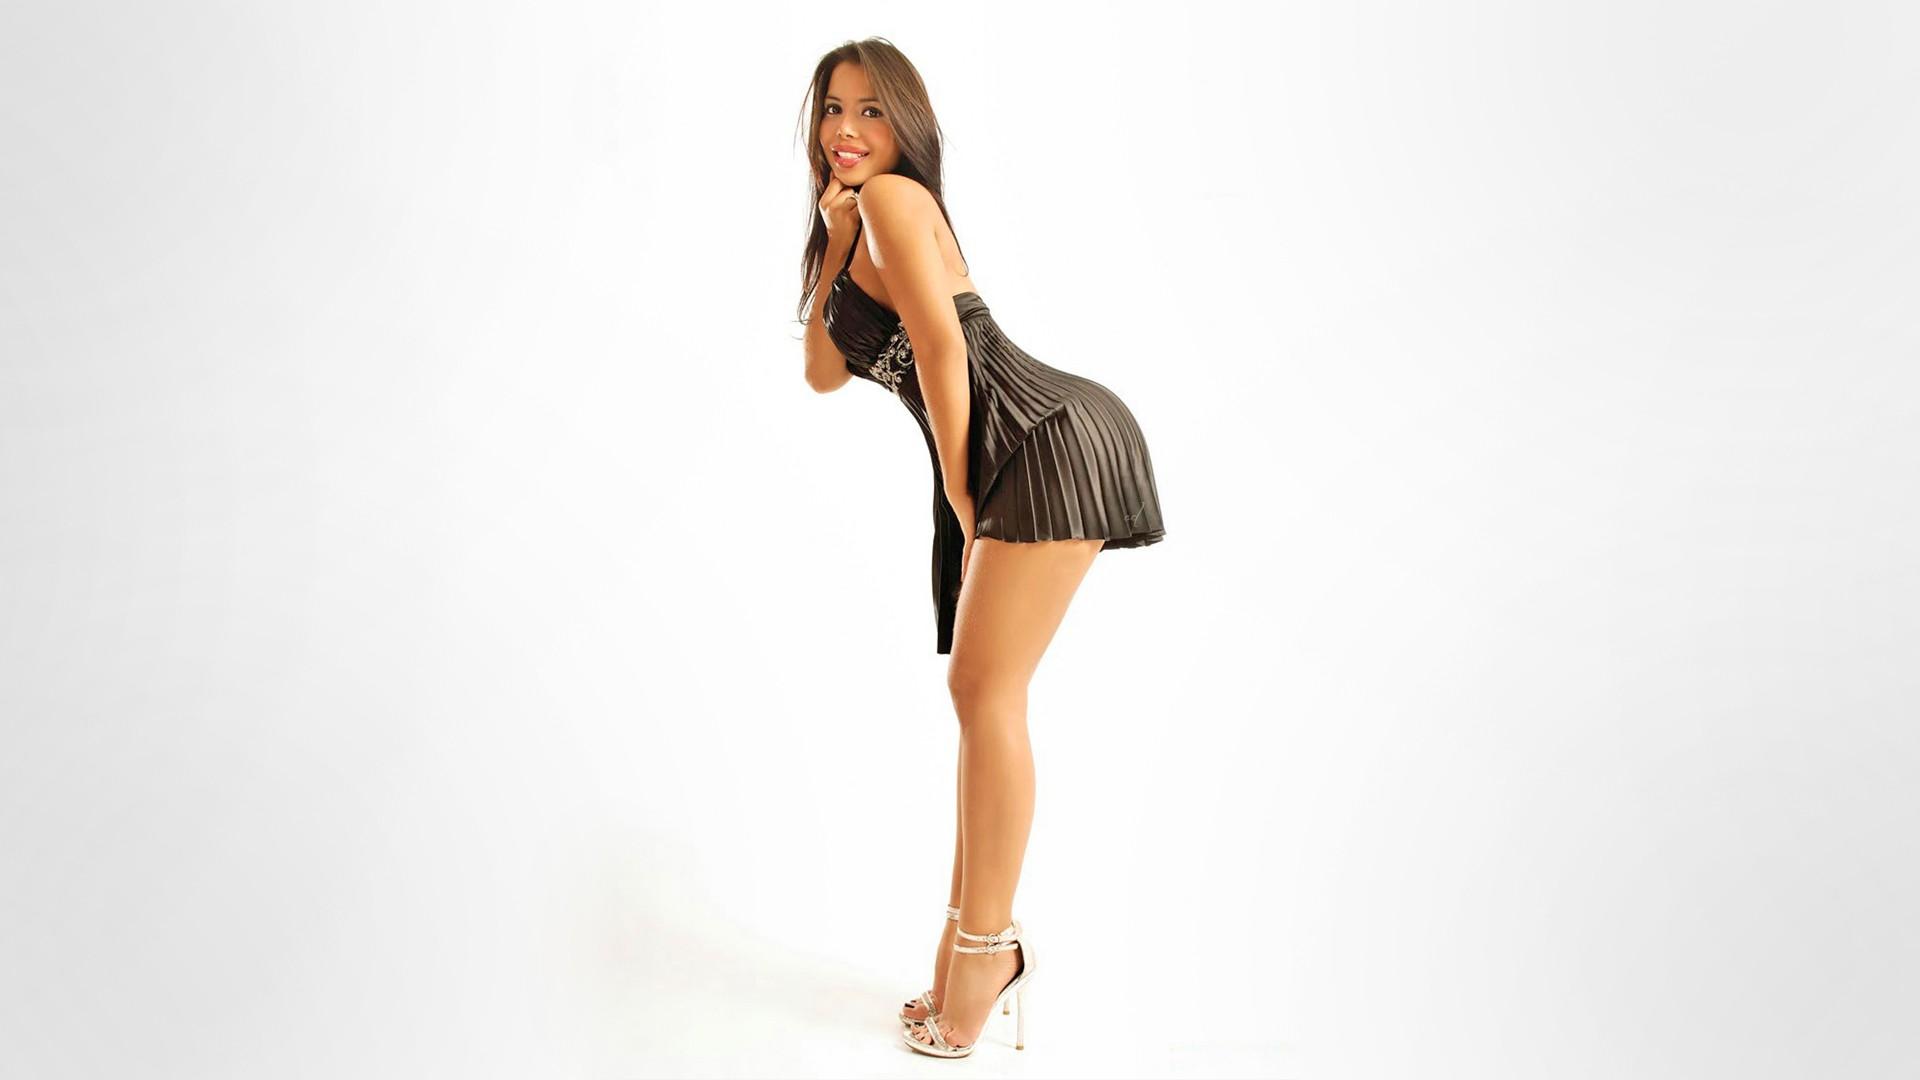 Девушки танцующие стриптиз в коротких юбках и коротких платьях онлайн, смотреть порно с шикарной и роскошной леди